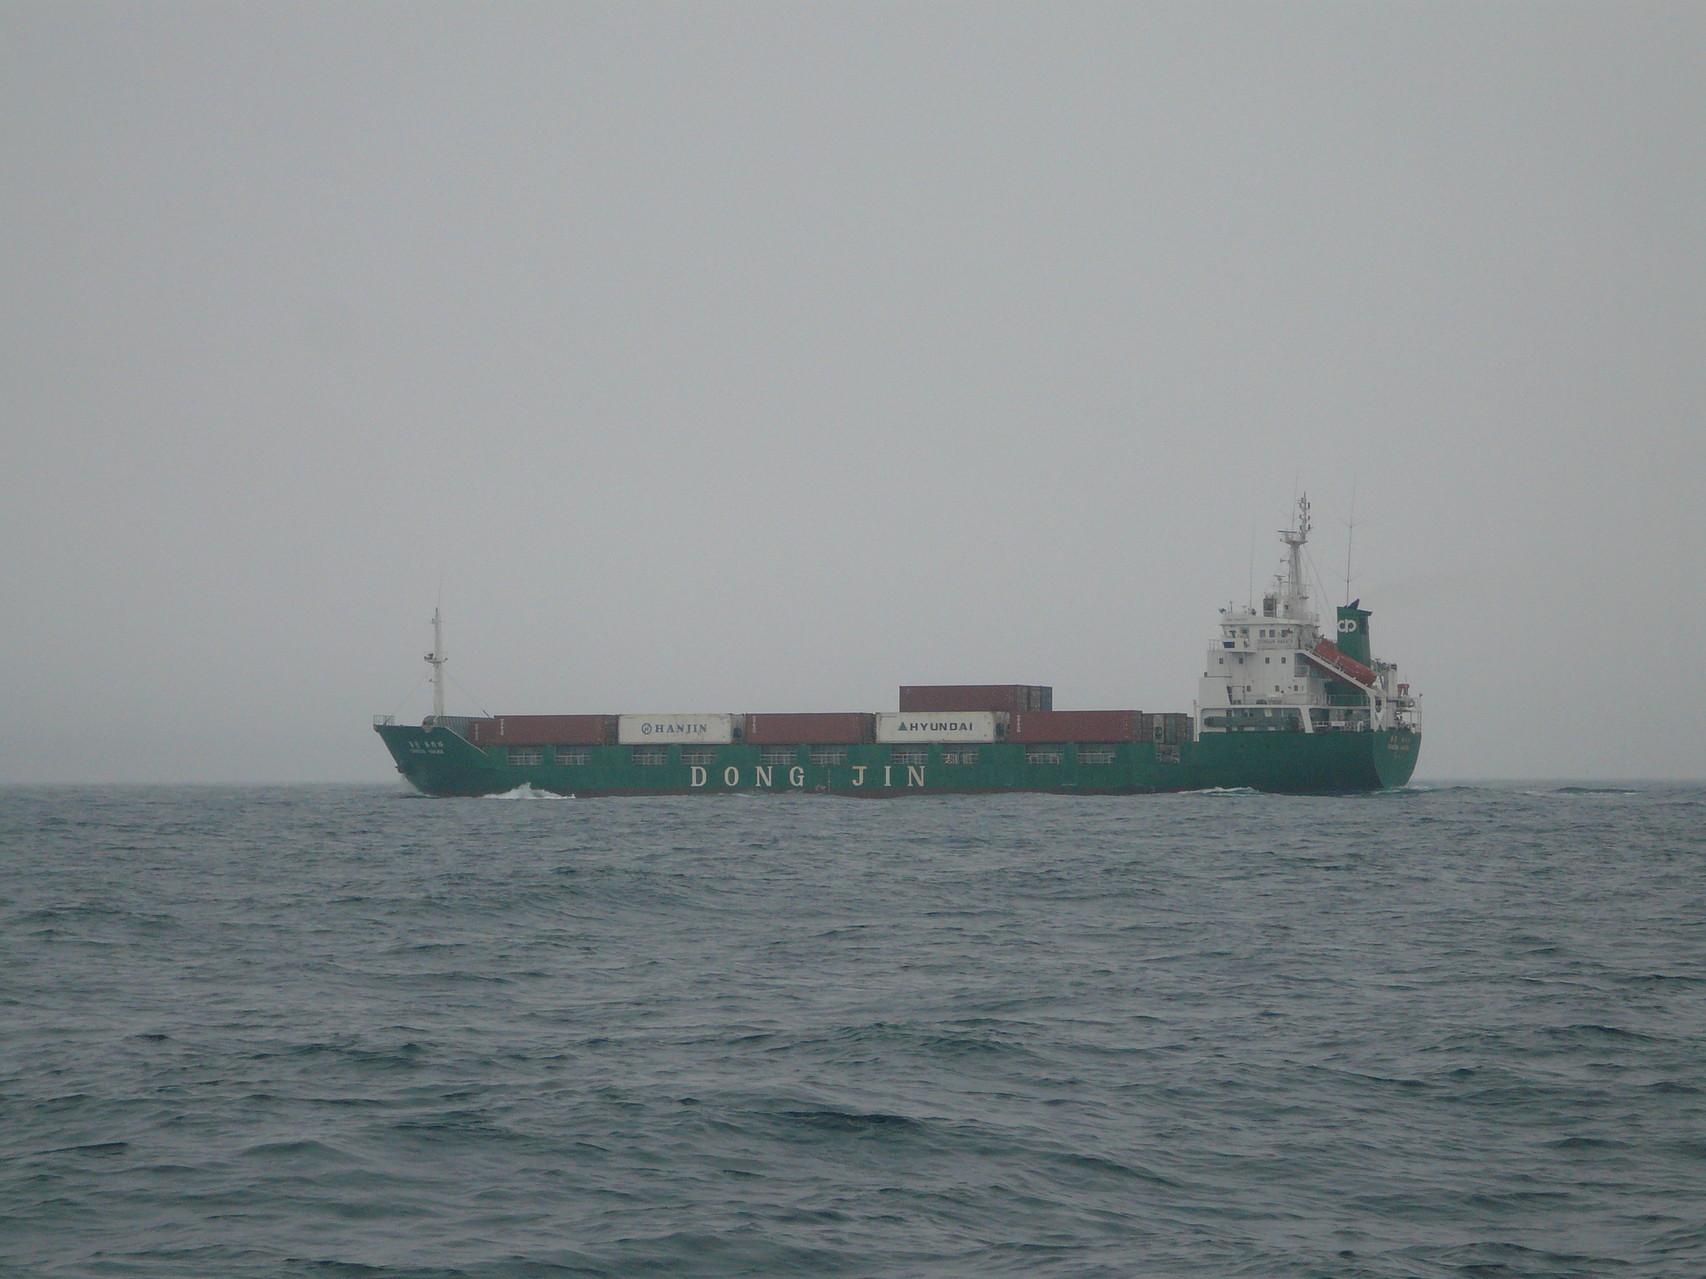 5月18日雨が予報どうり降って来ました、風は 北東の風3m~5m 小潮で釣果悪し